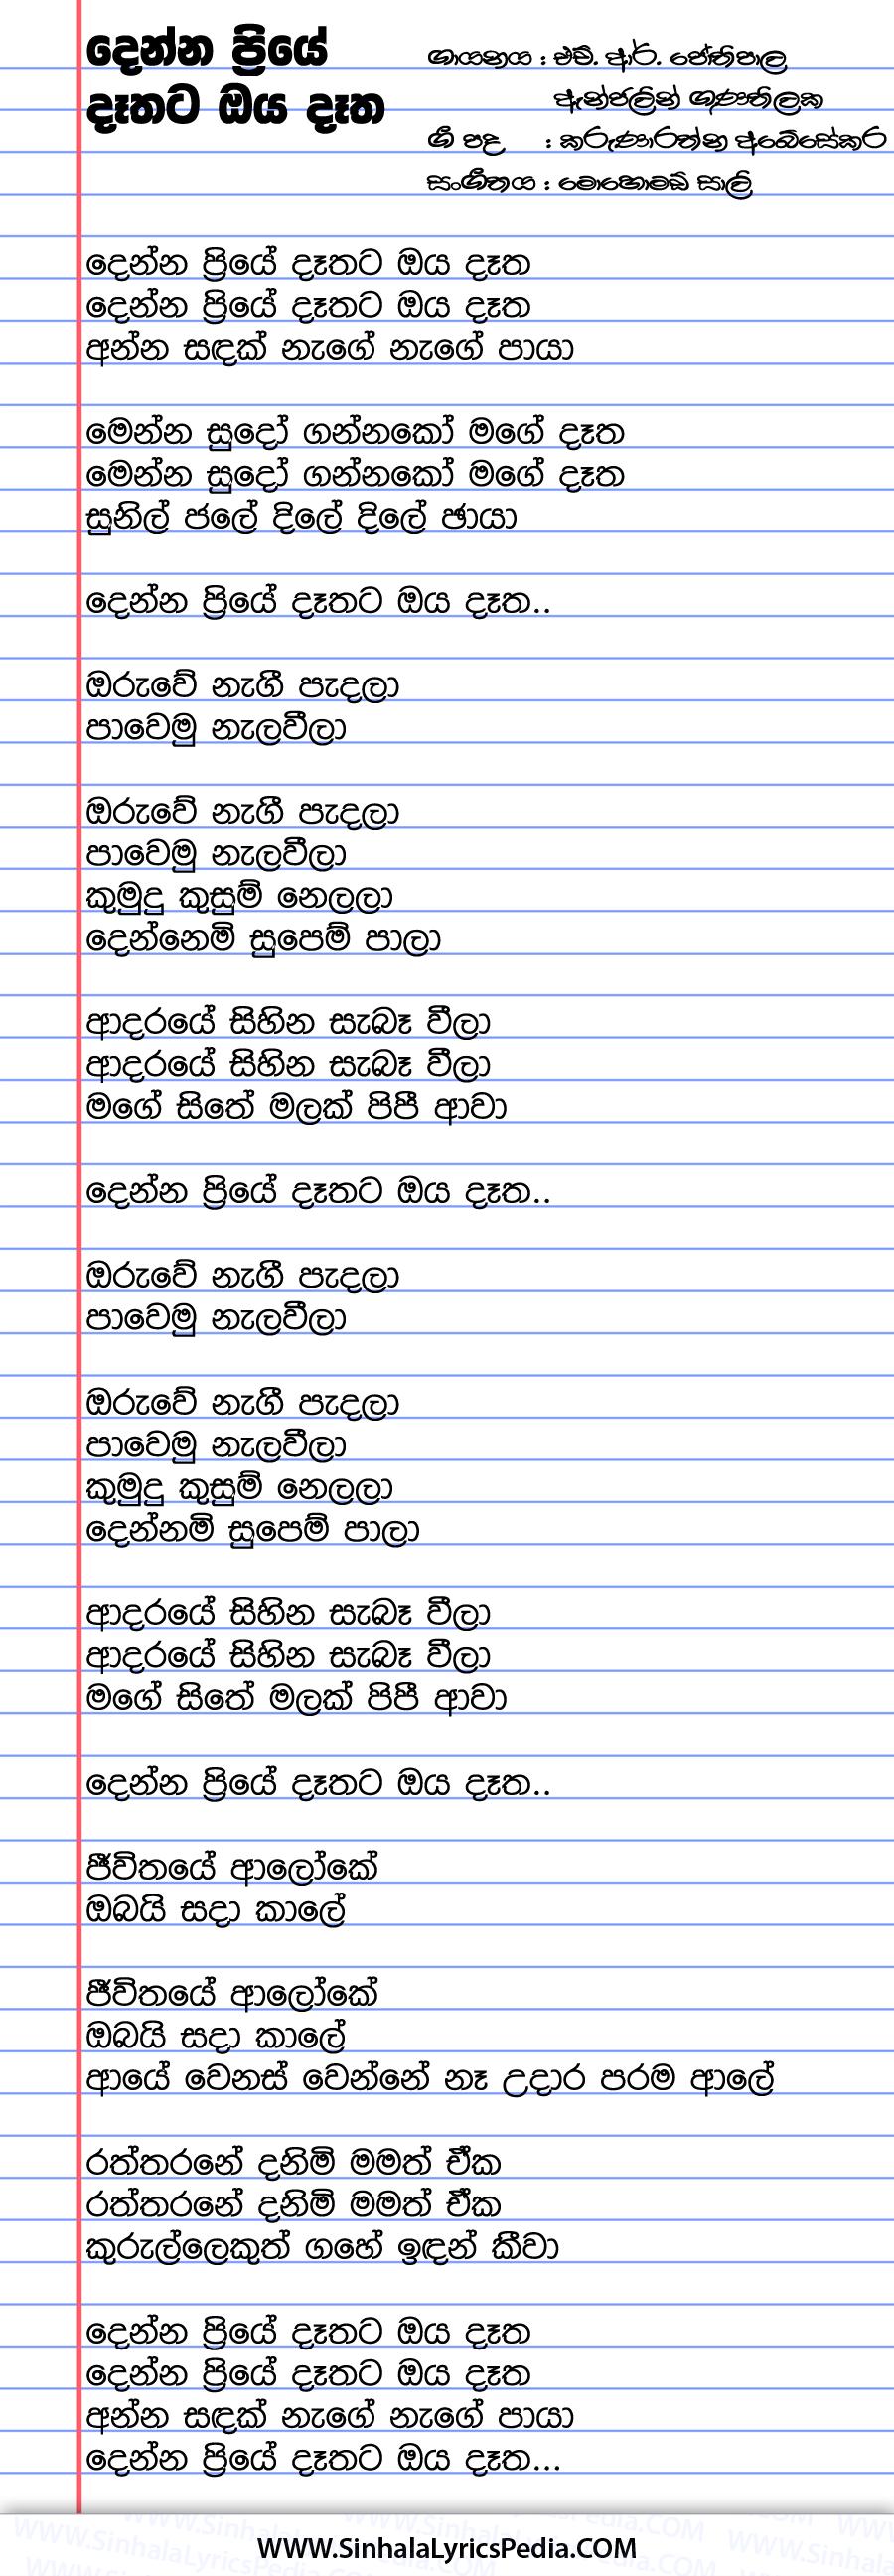 Denna Priye Dathata Oya Datha Song Lyrics